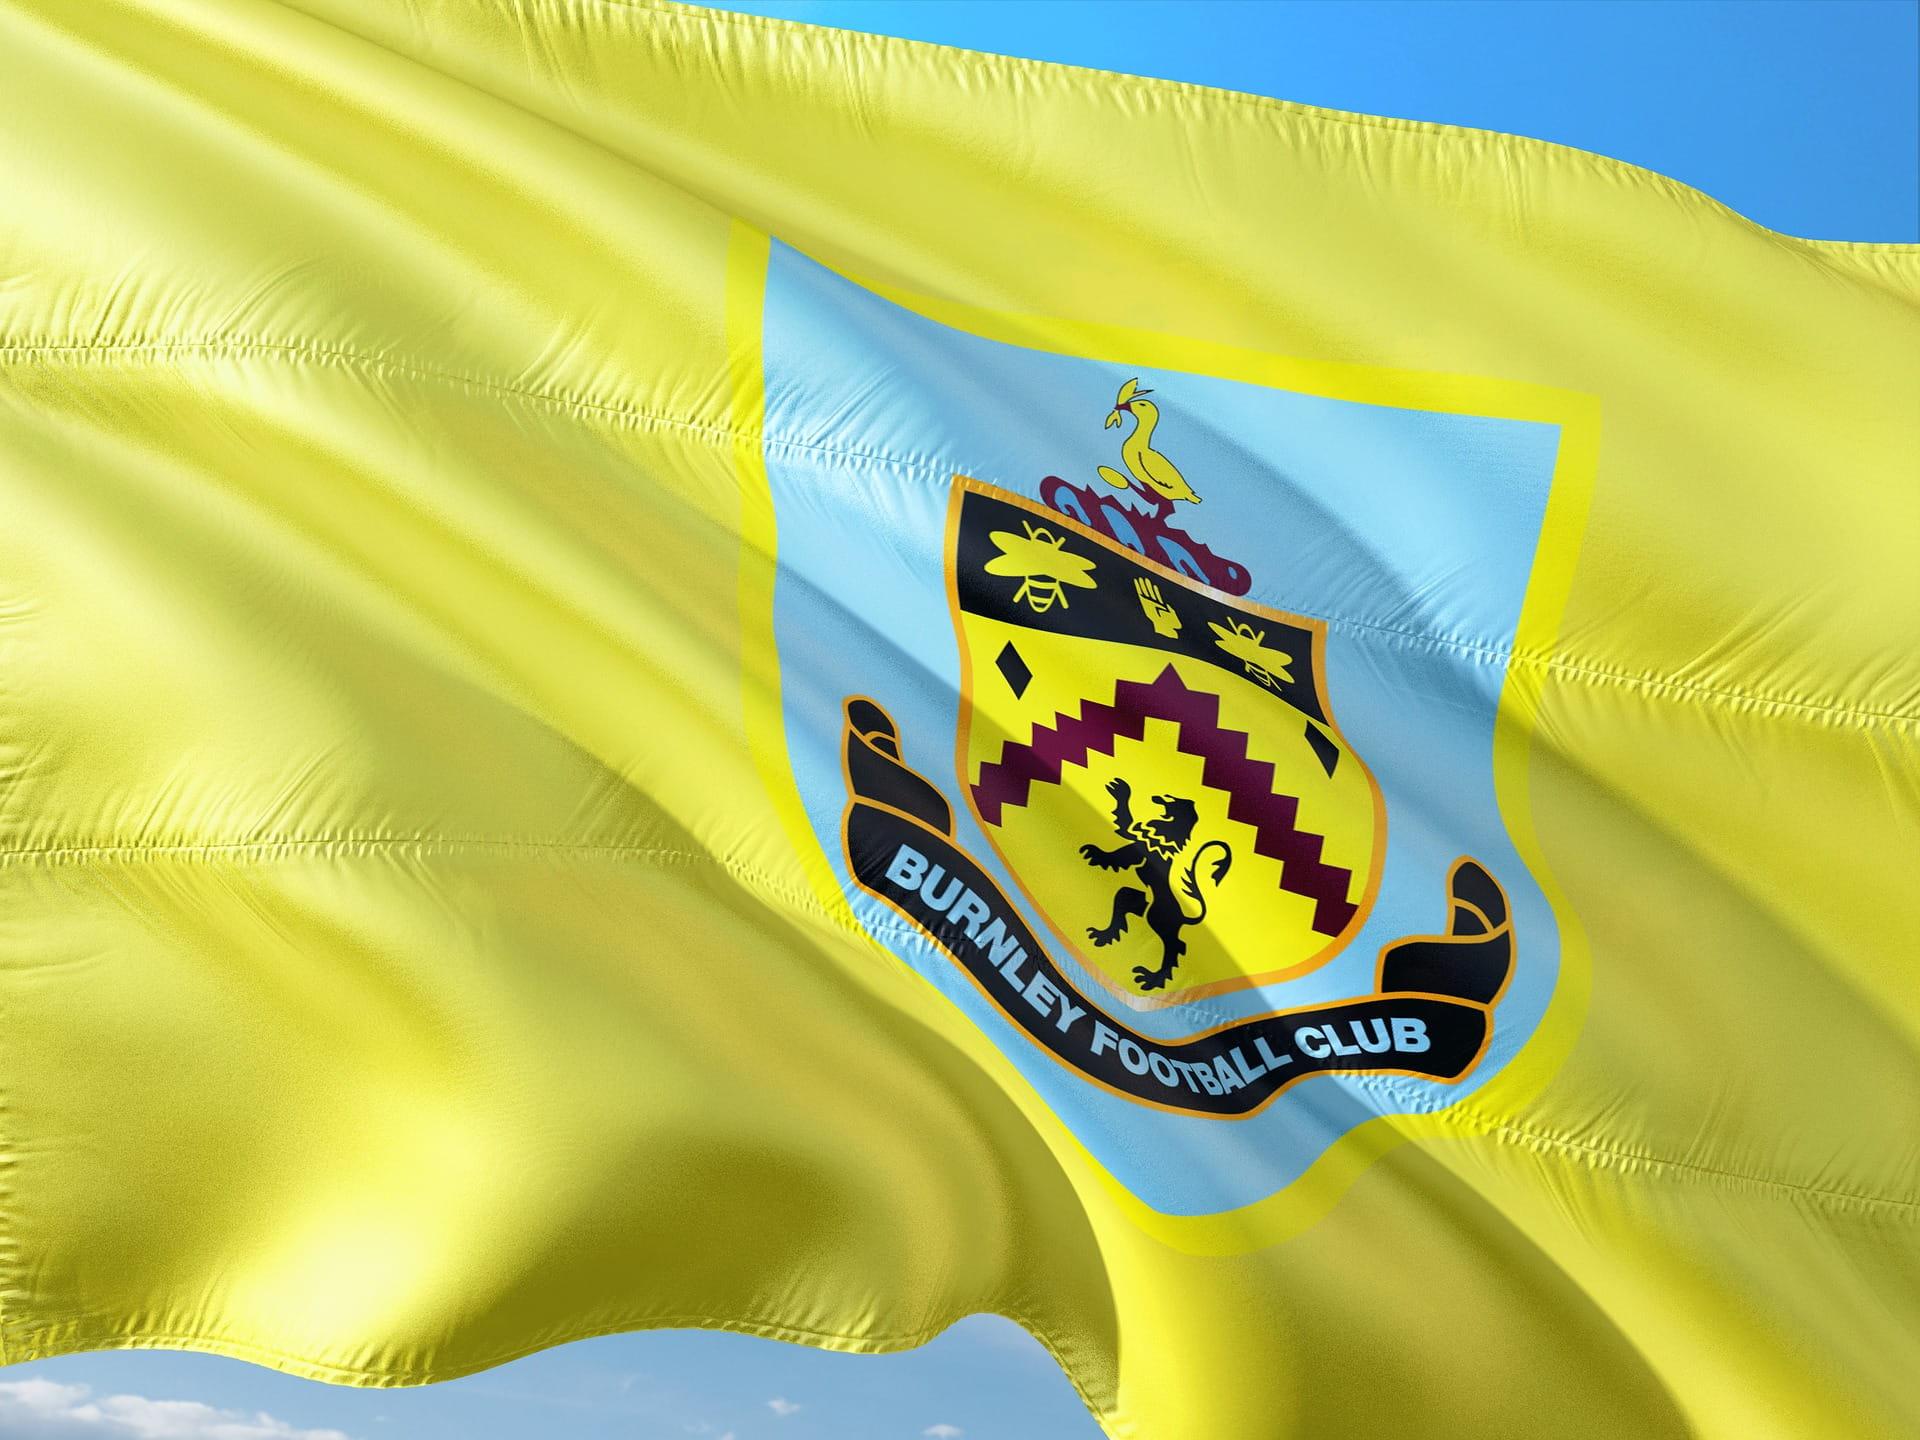 Burnley football club